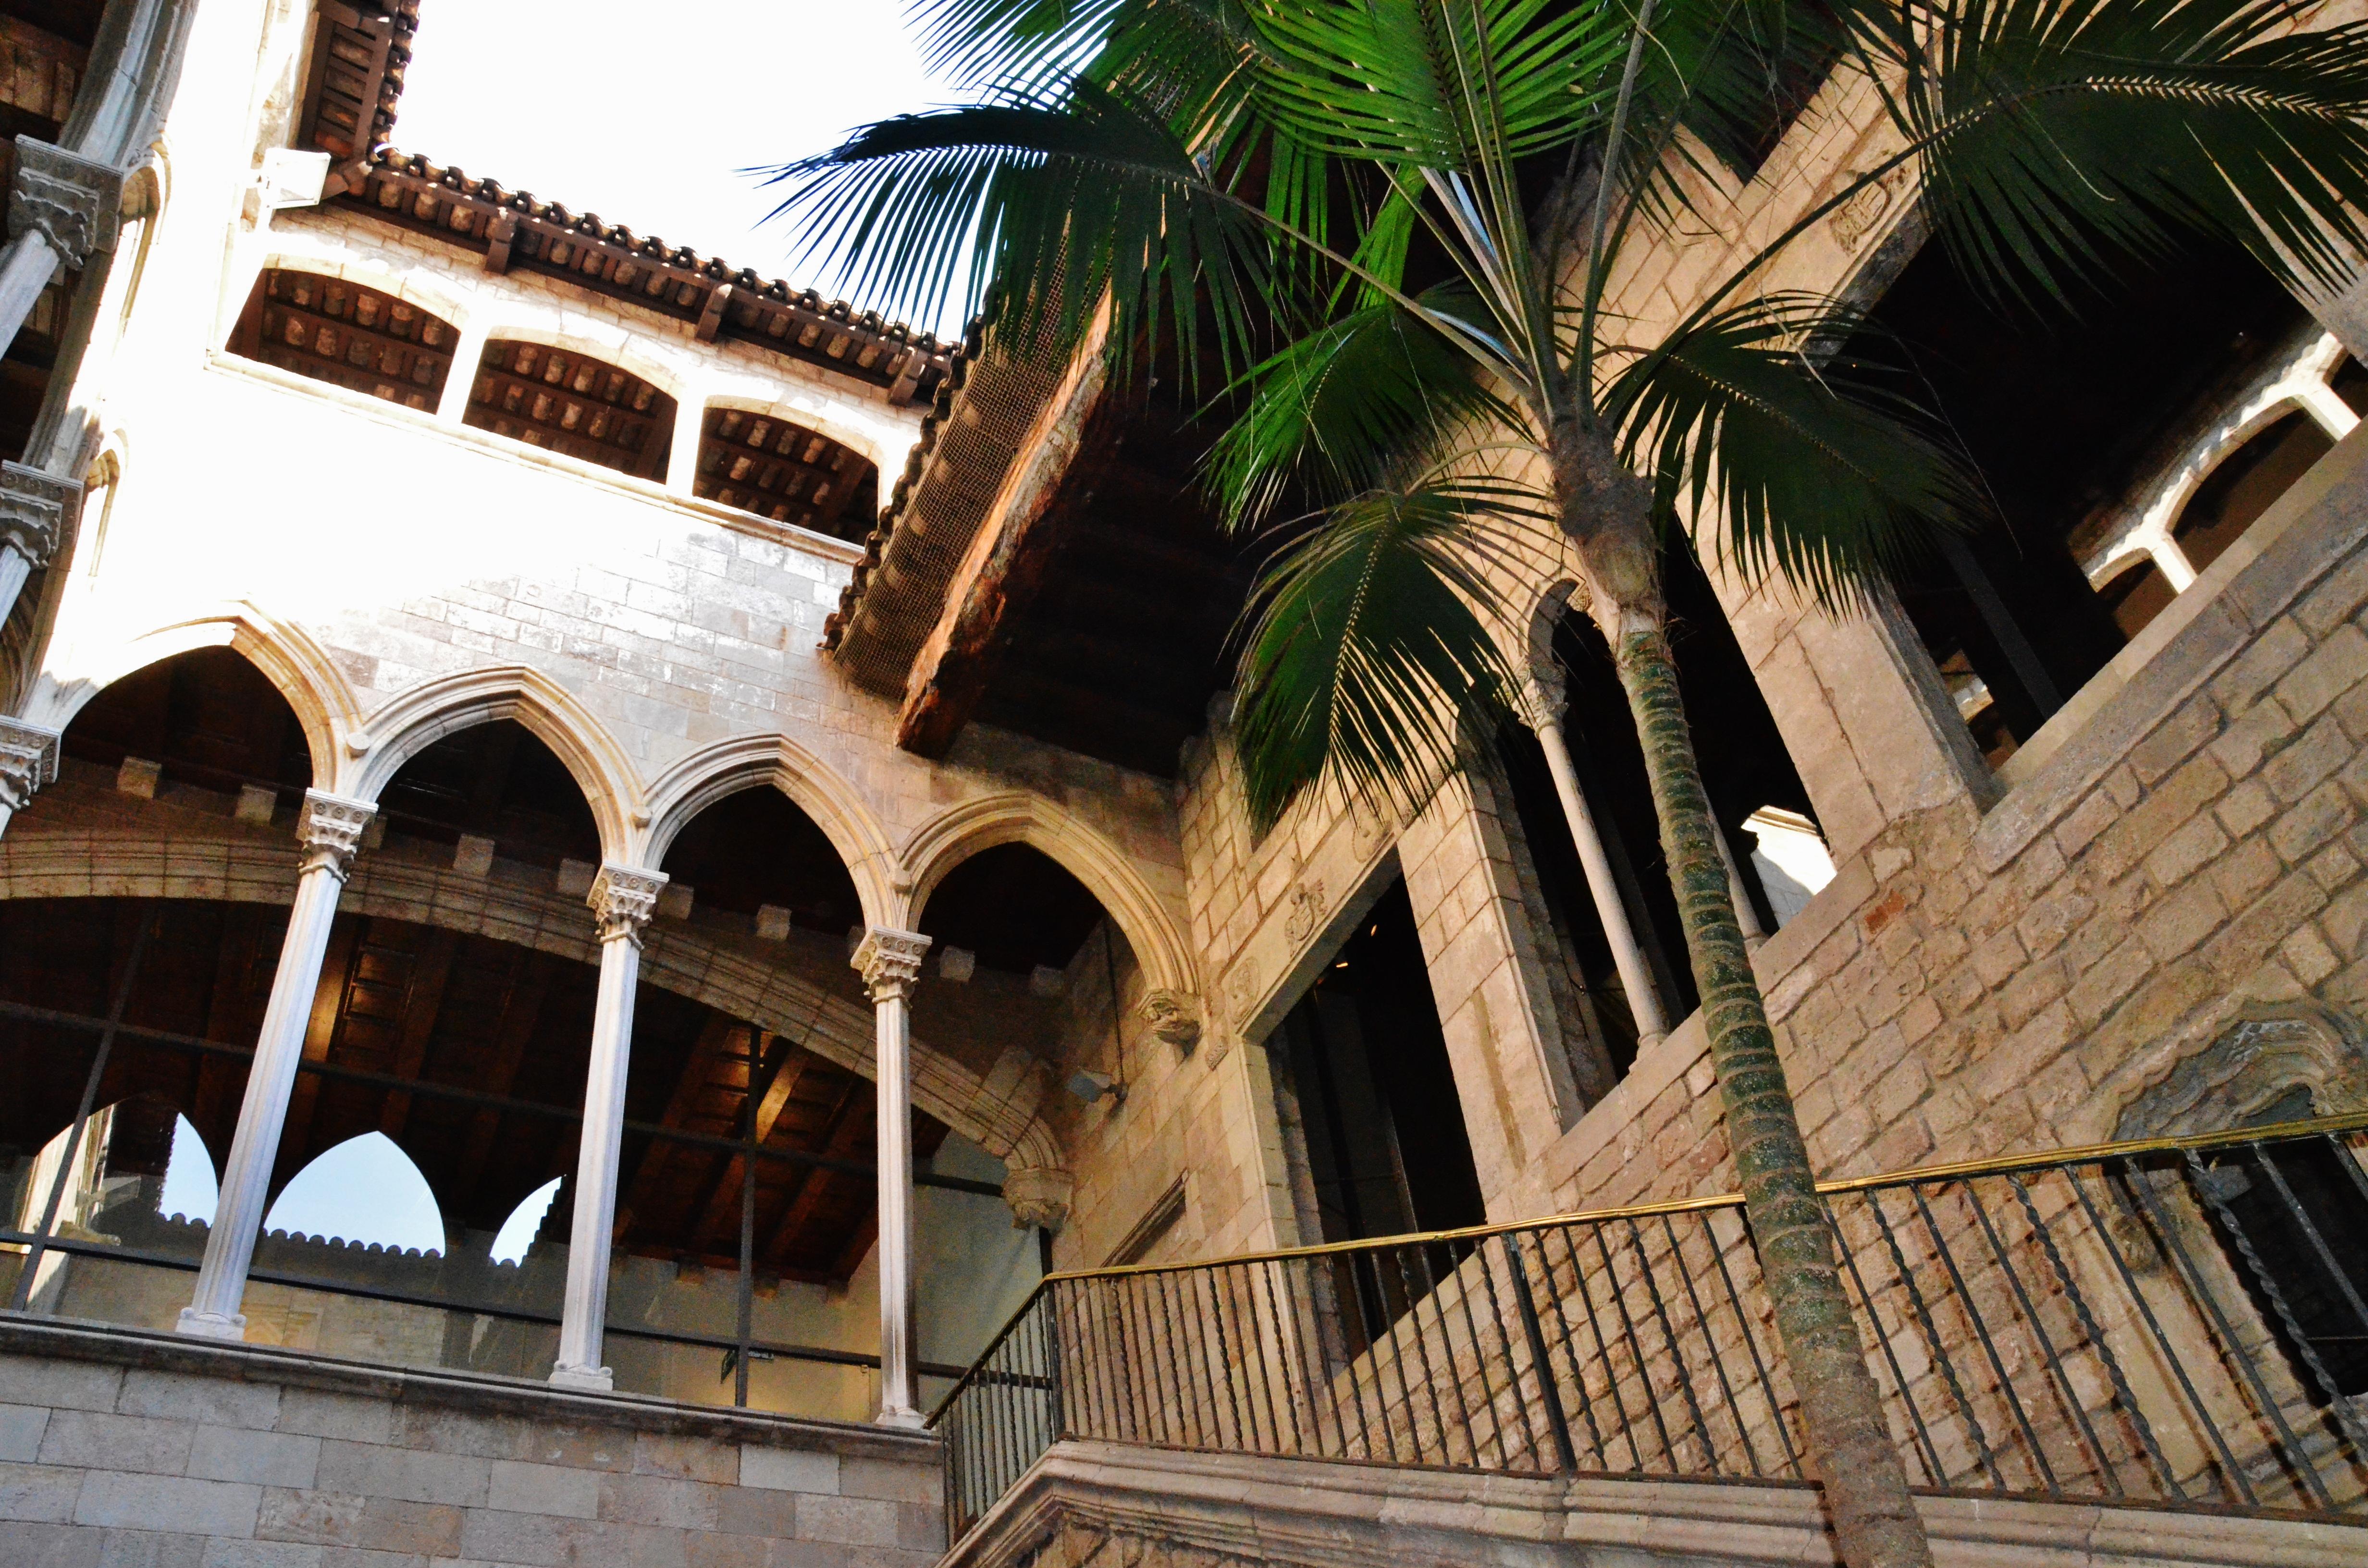 WLM14ES_-_Museu_Picasso,_Ciutat_Vella,_Barcelona_-_MARIA_ROSA_FERRE